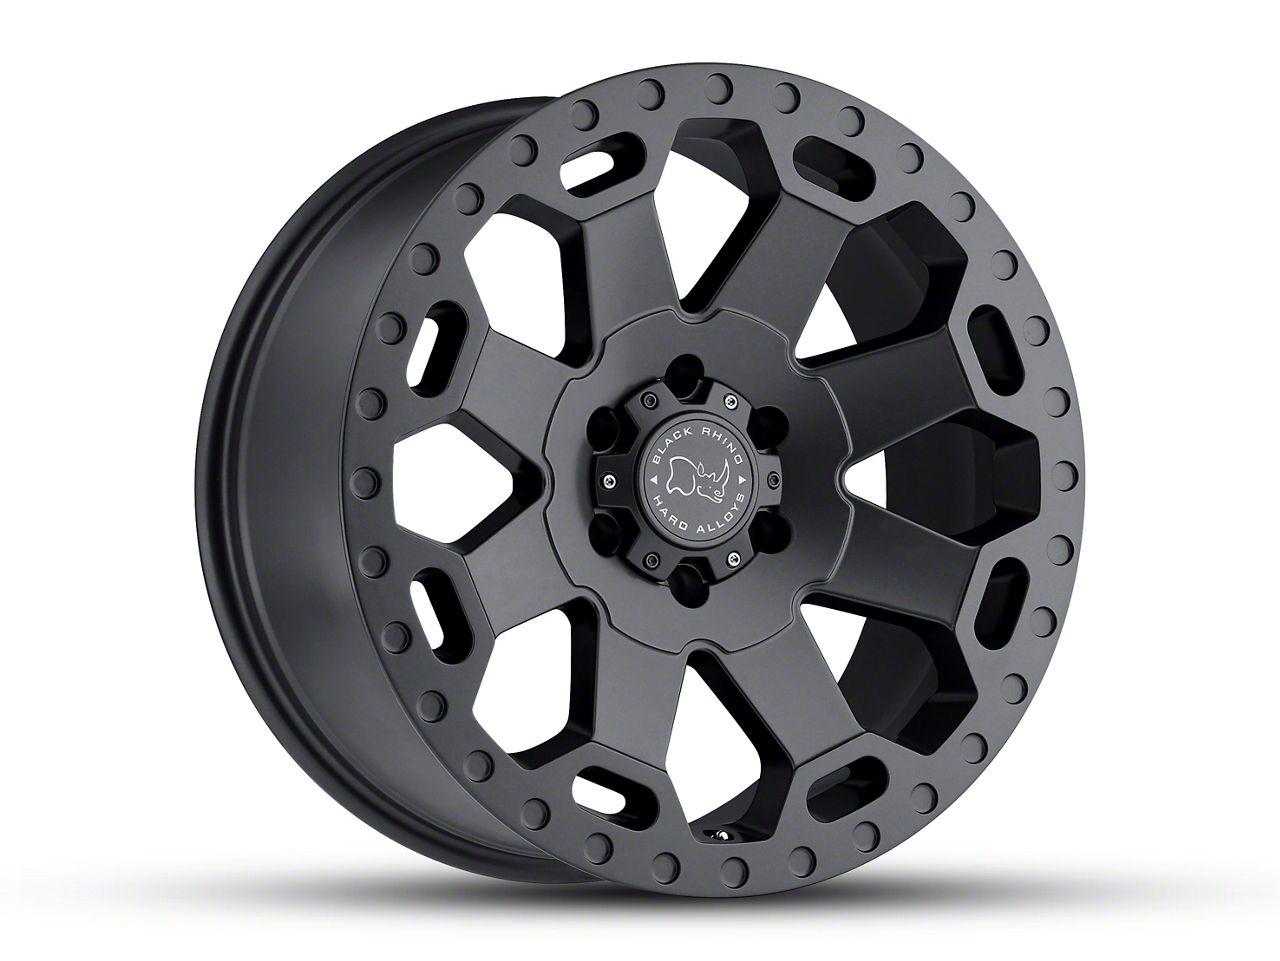 Black Rhino Warlord Matte Gunmetal 6-Lug Wheel - 17x9 (99-18 Silverado 1500)